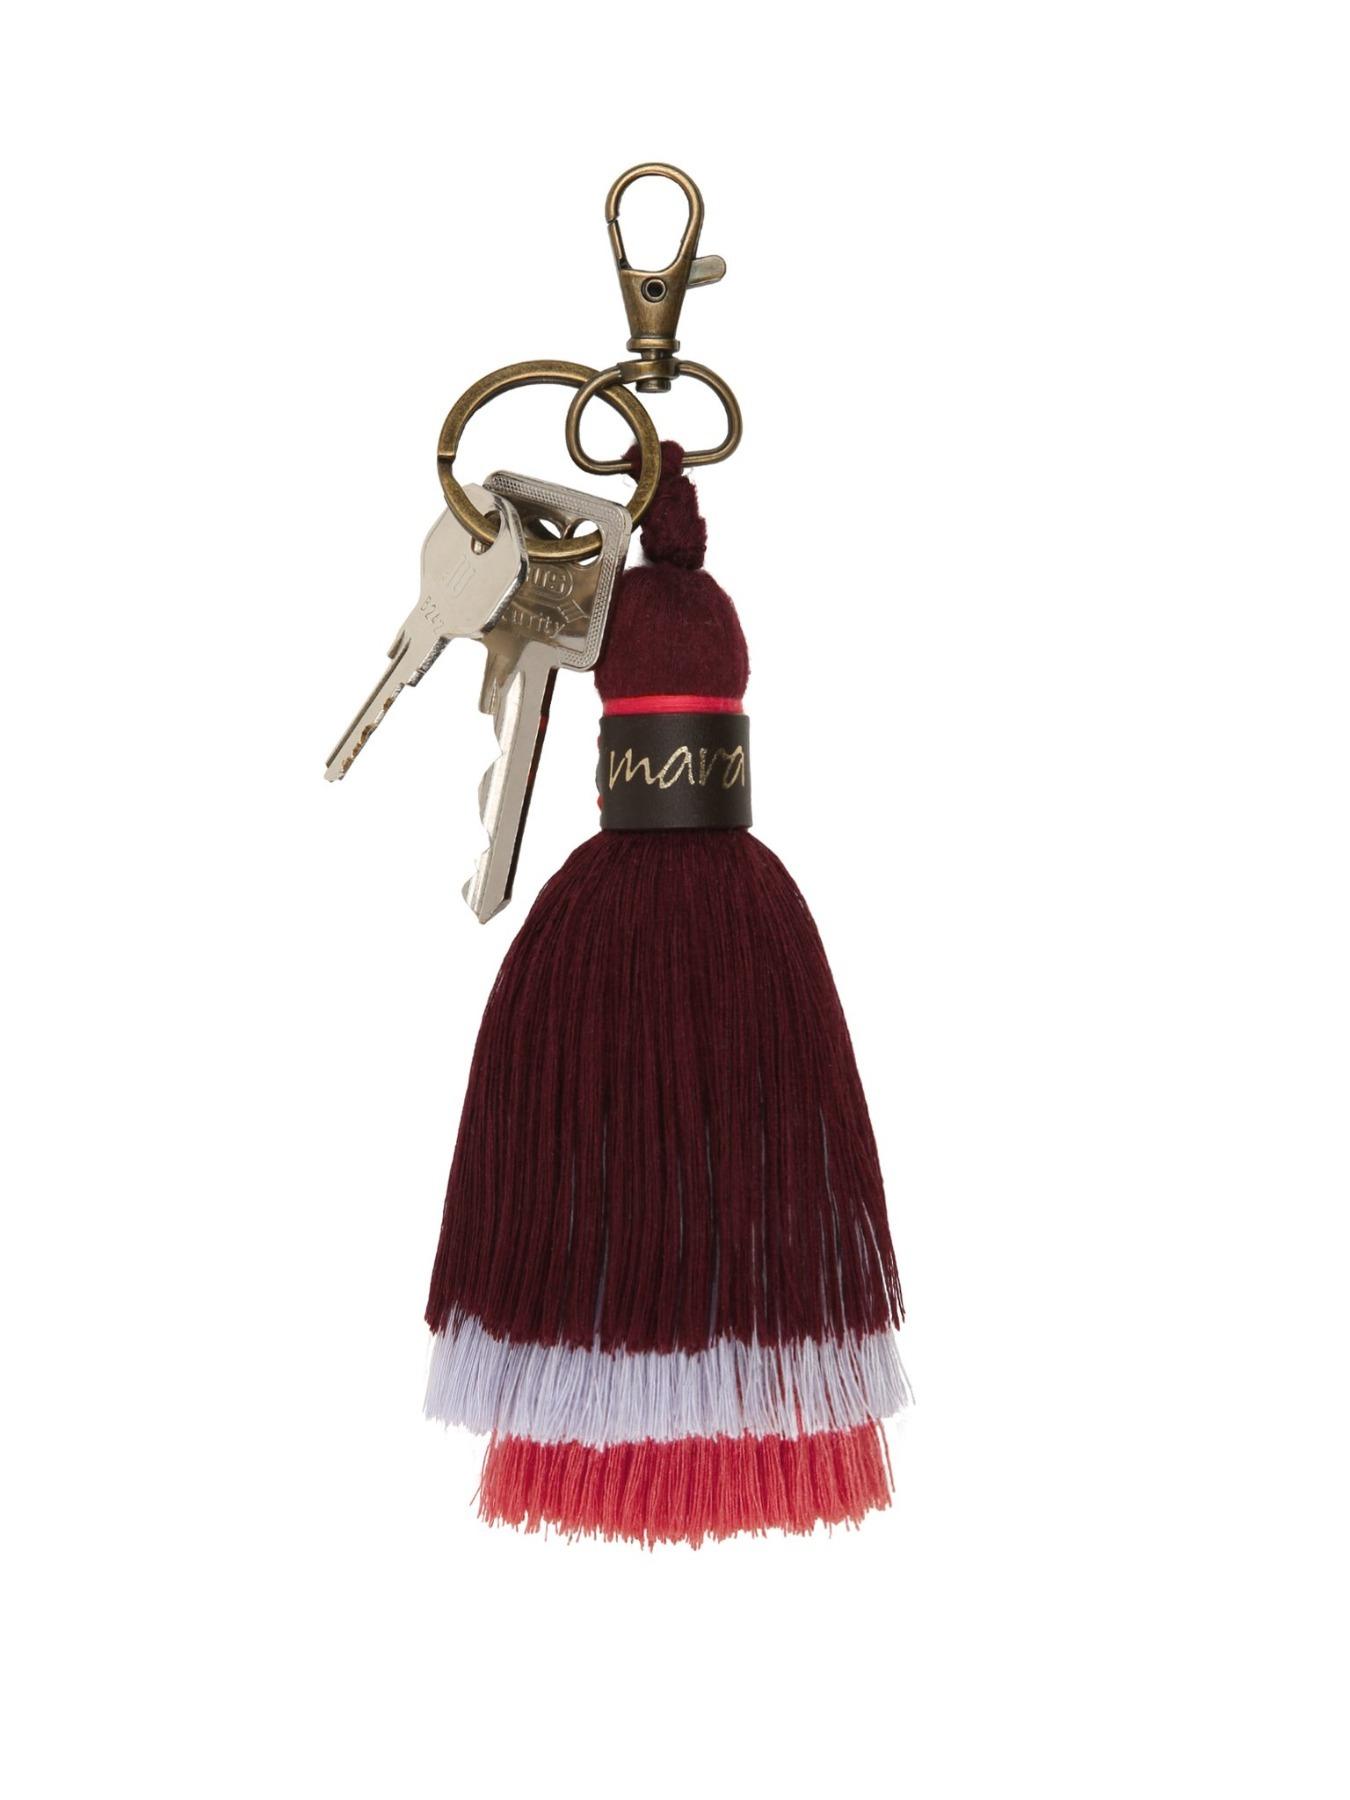 mara mea key chain pretty porto